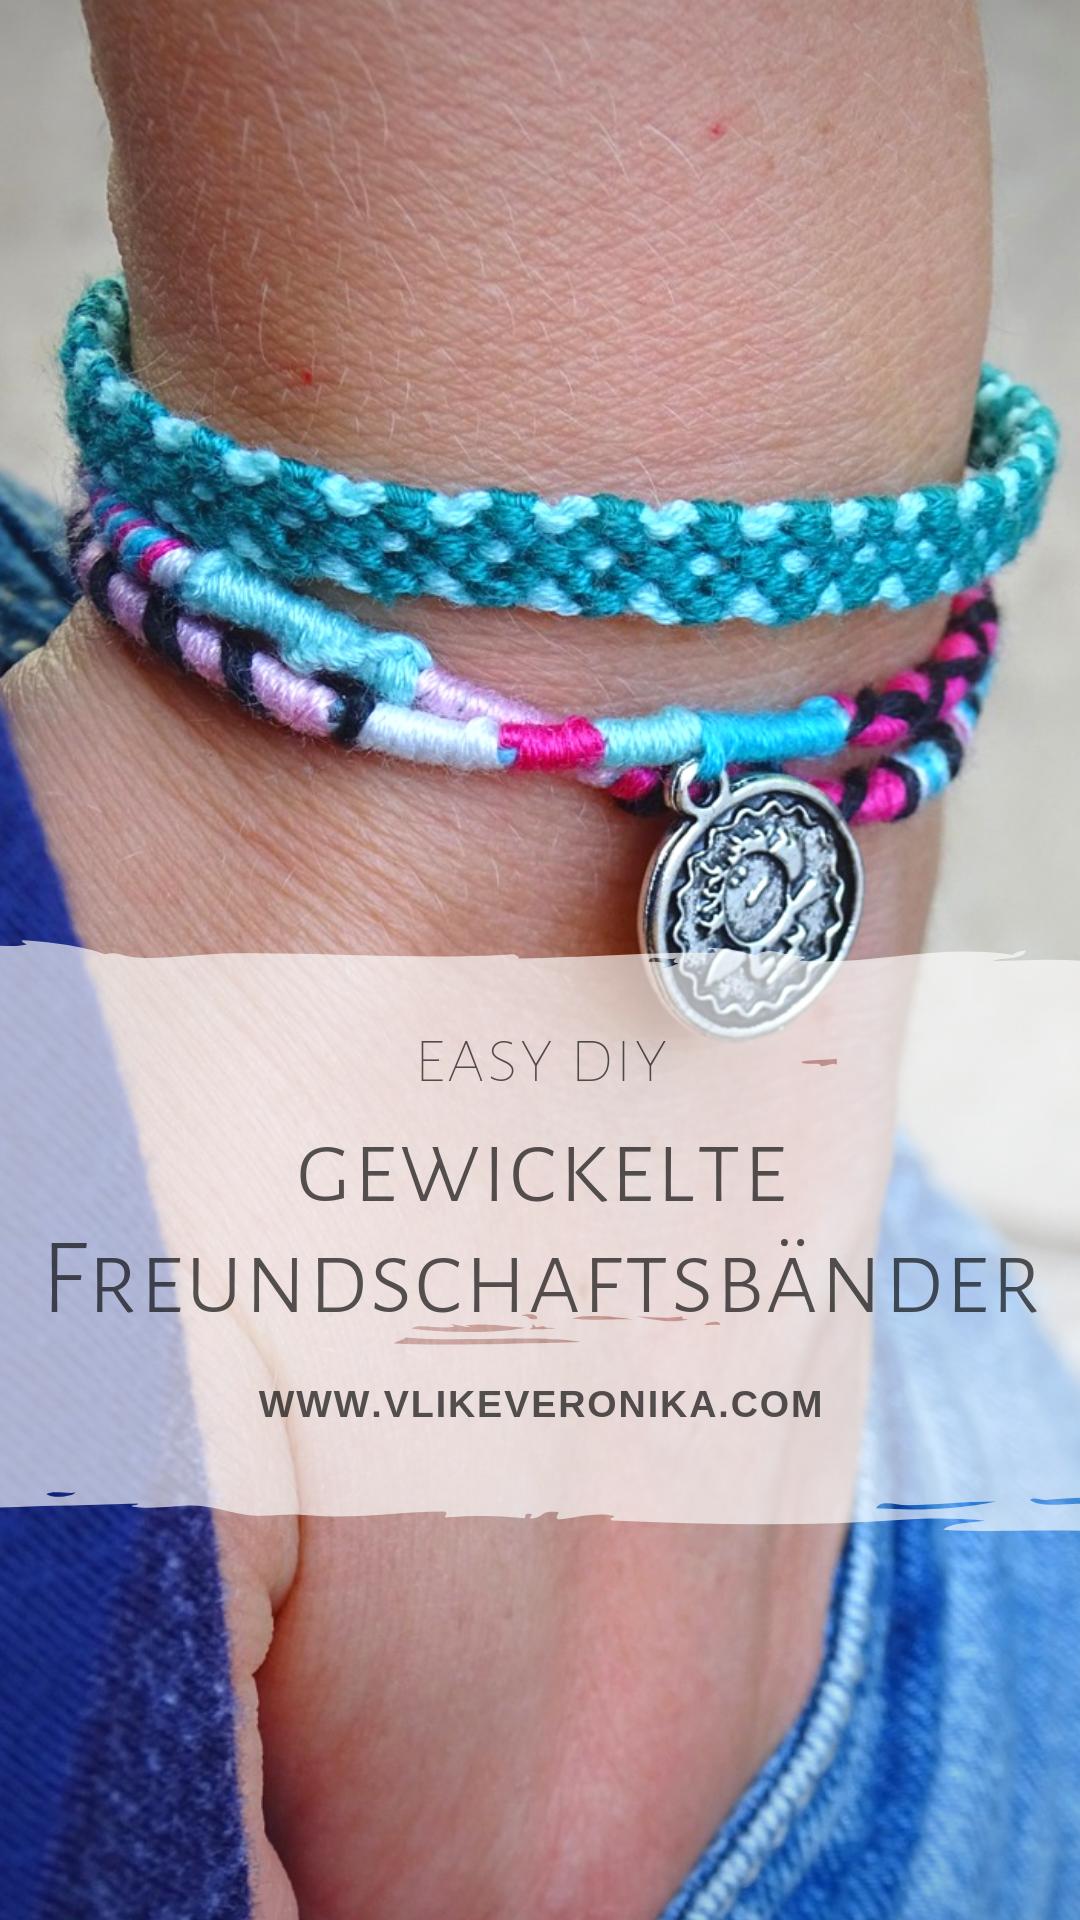 Gewickeltes Freundschaftsband Armband Selber Machen Anleitung Freundschaftsbander Armband Selber Machen